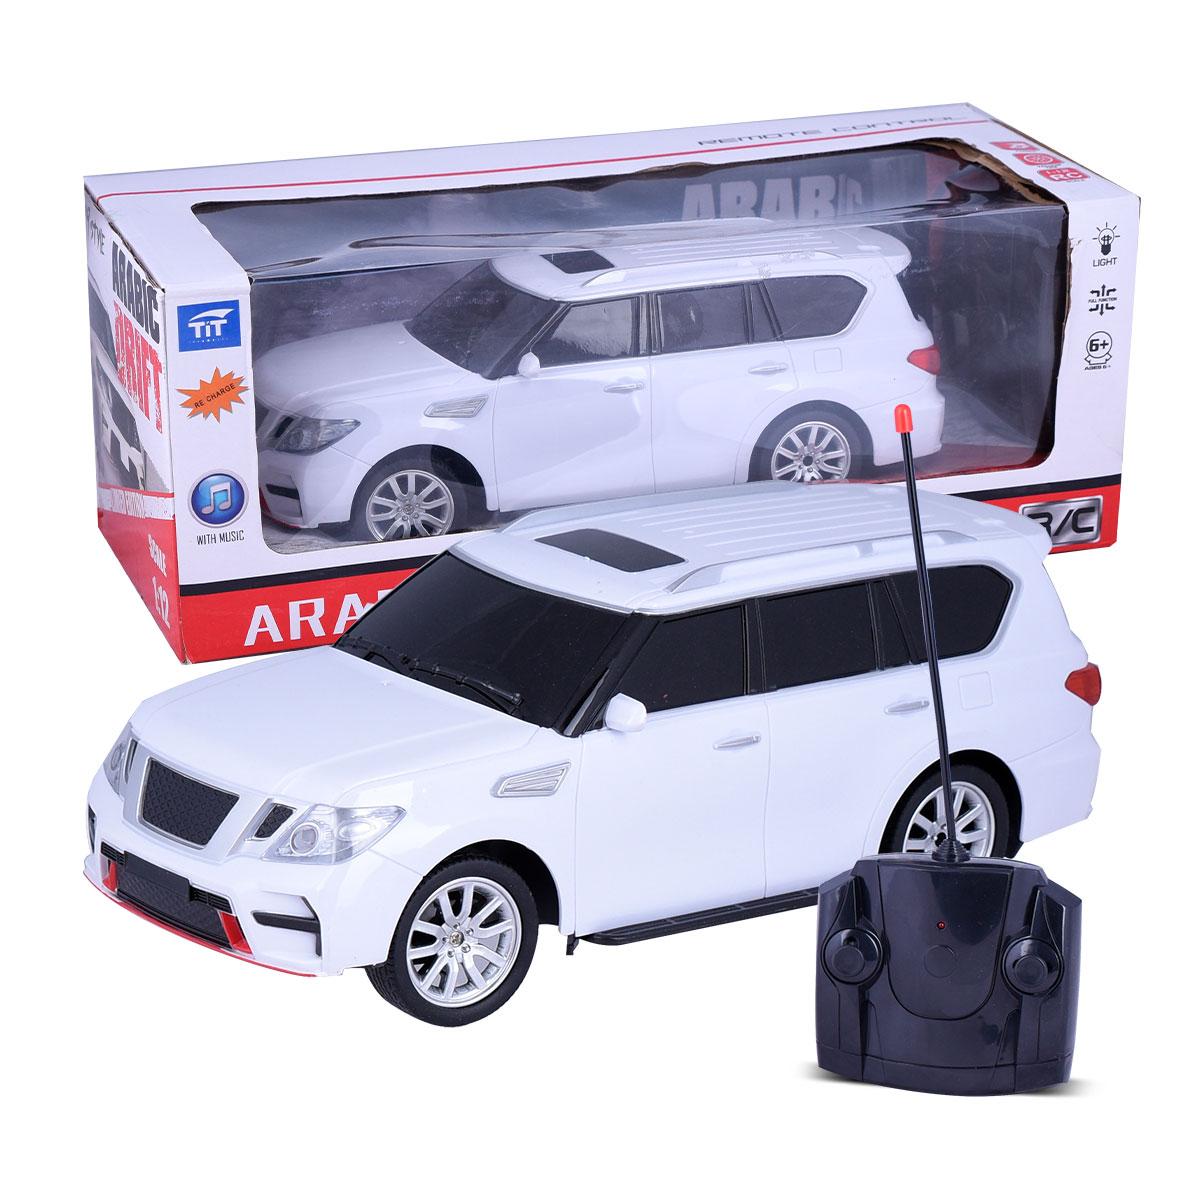 لعبة سيارة اطفال تعمل بالريموت كنترول ,  الوان متعددة , رقم SC-QX3688-92